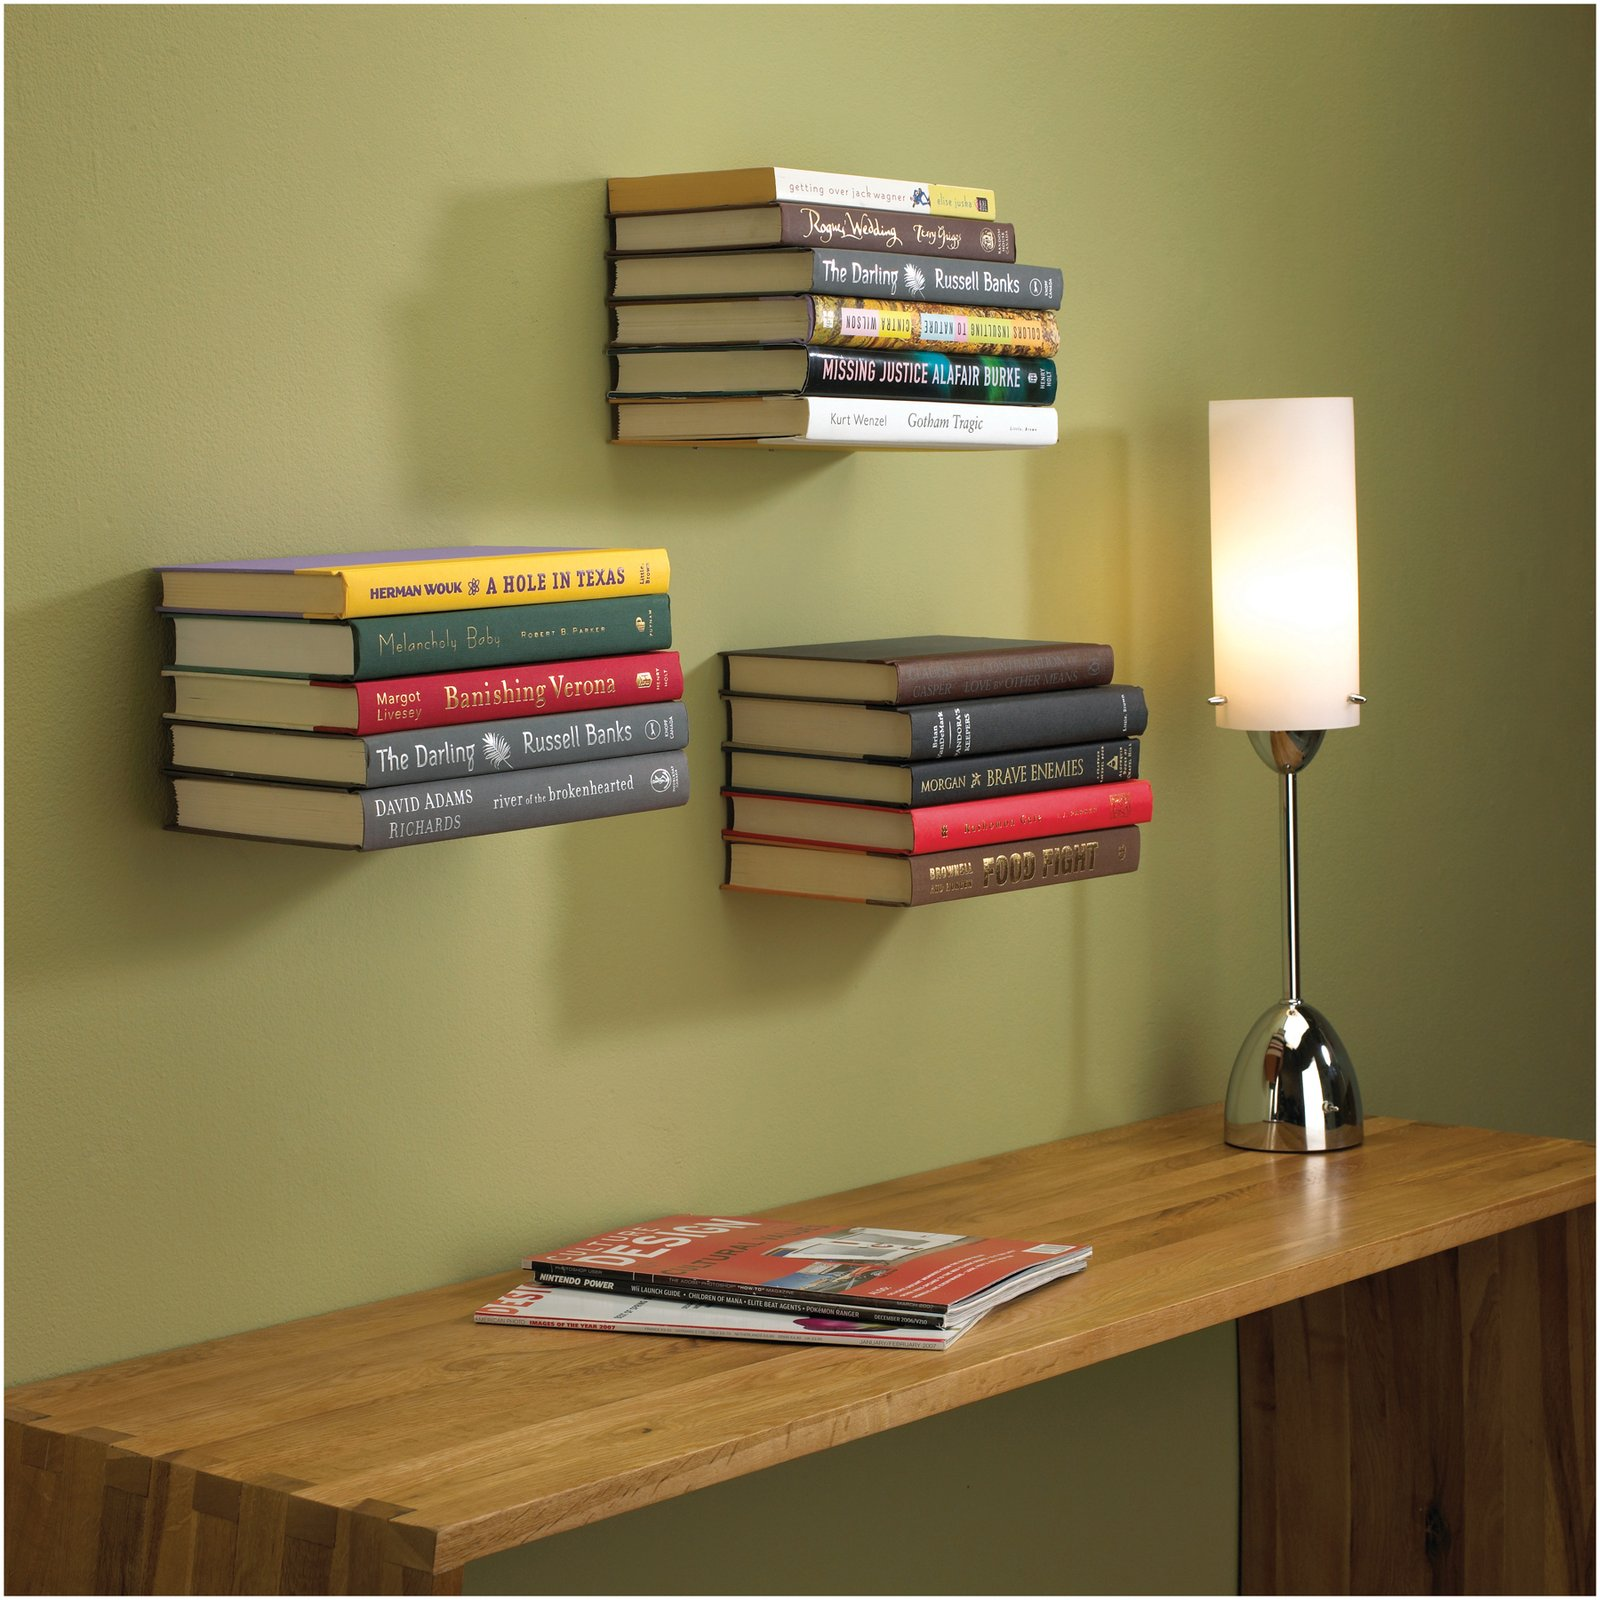 Upcycled book shelf